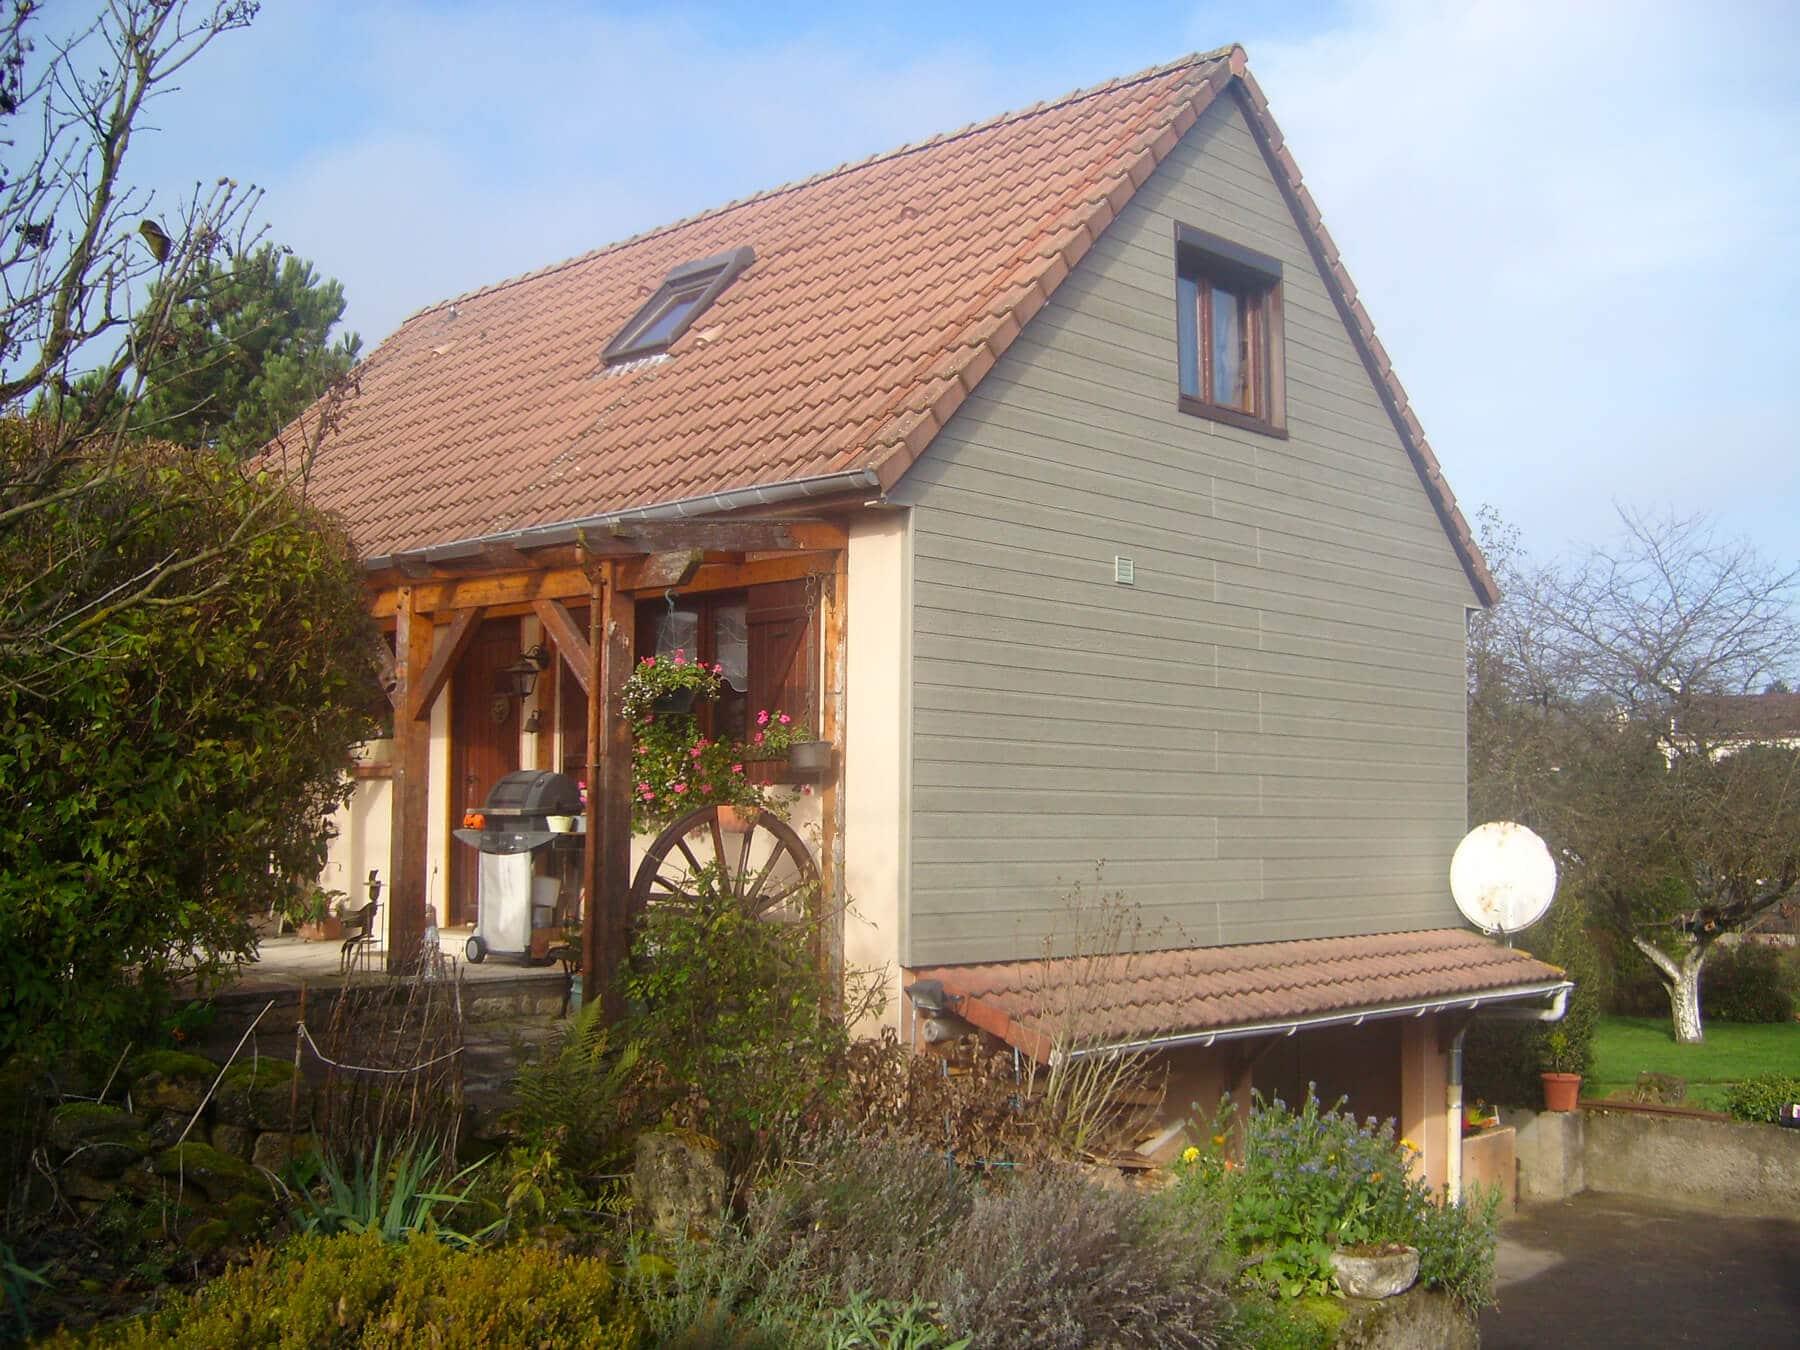 Maison En Bois Moselle isolation maison bardage bois à tiercelet (54) - enduiest